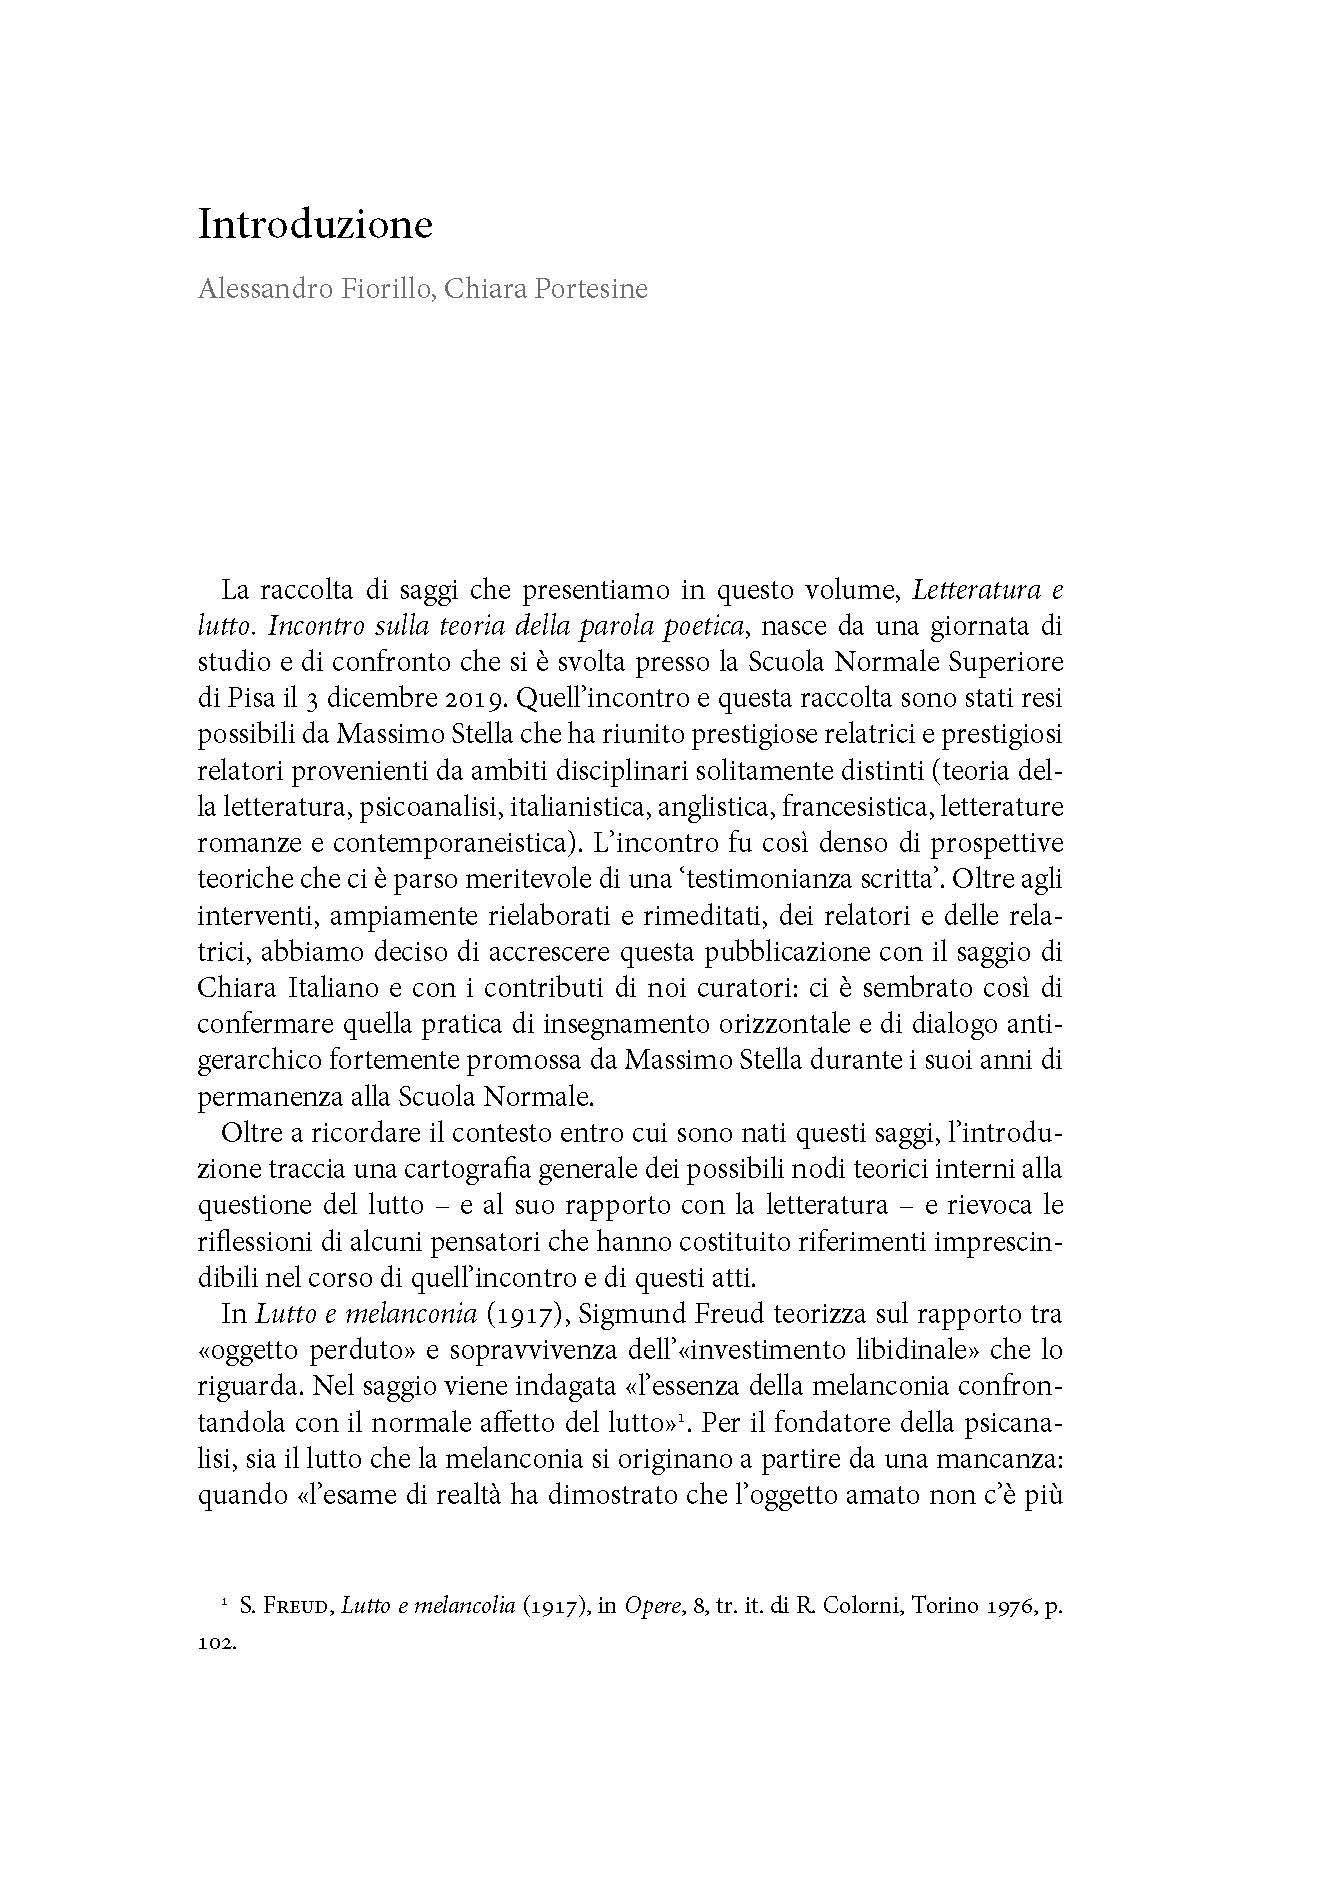 Letteratura, Lutto, Introduzione